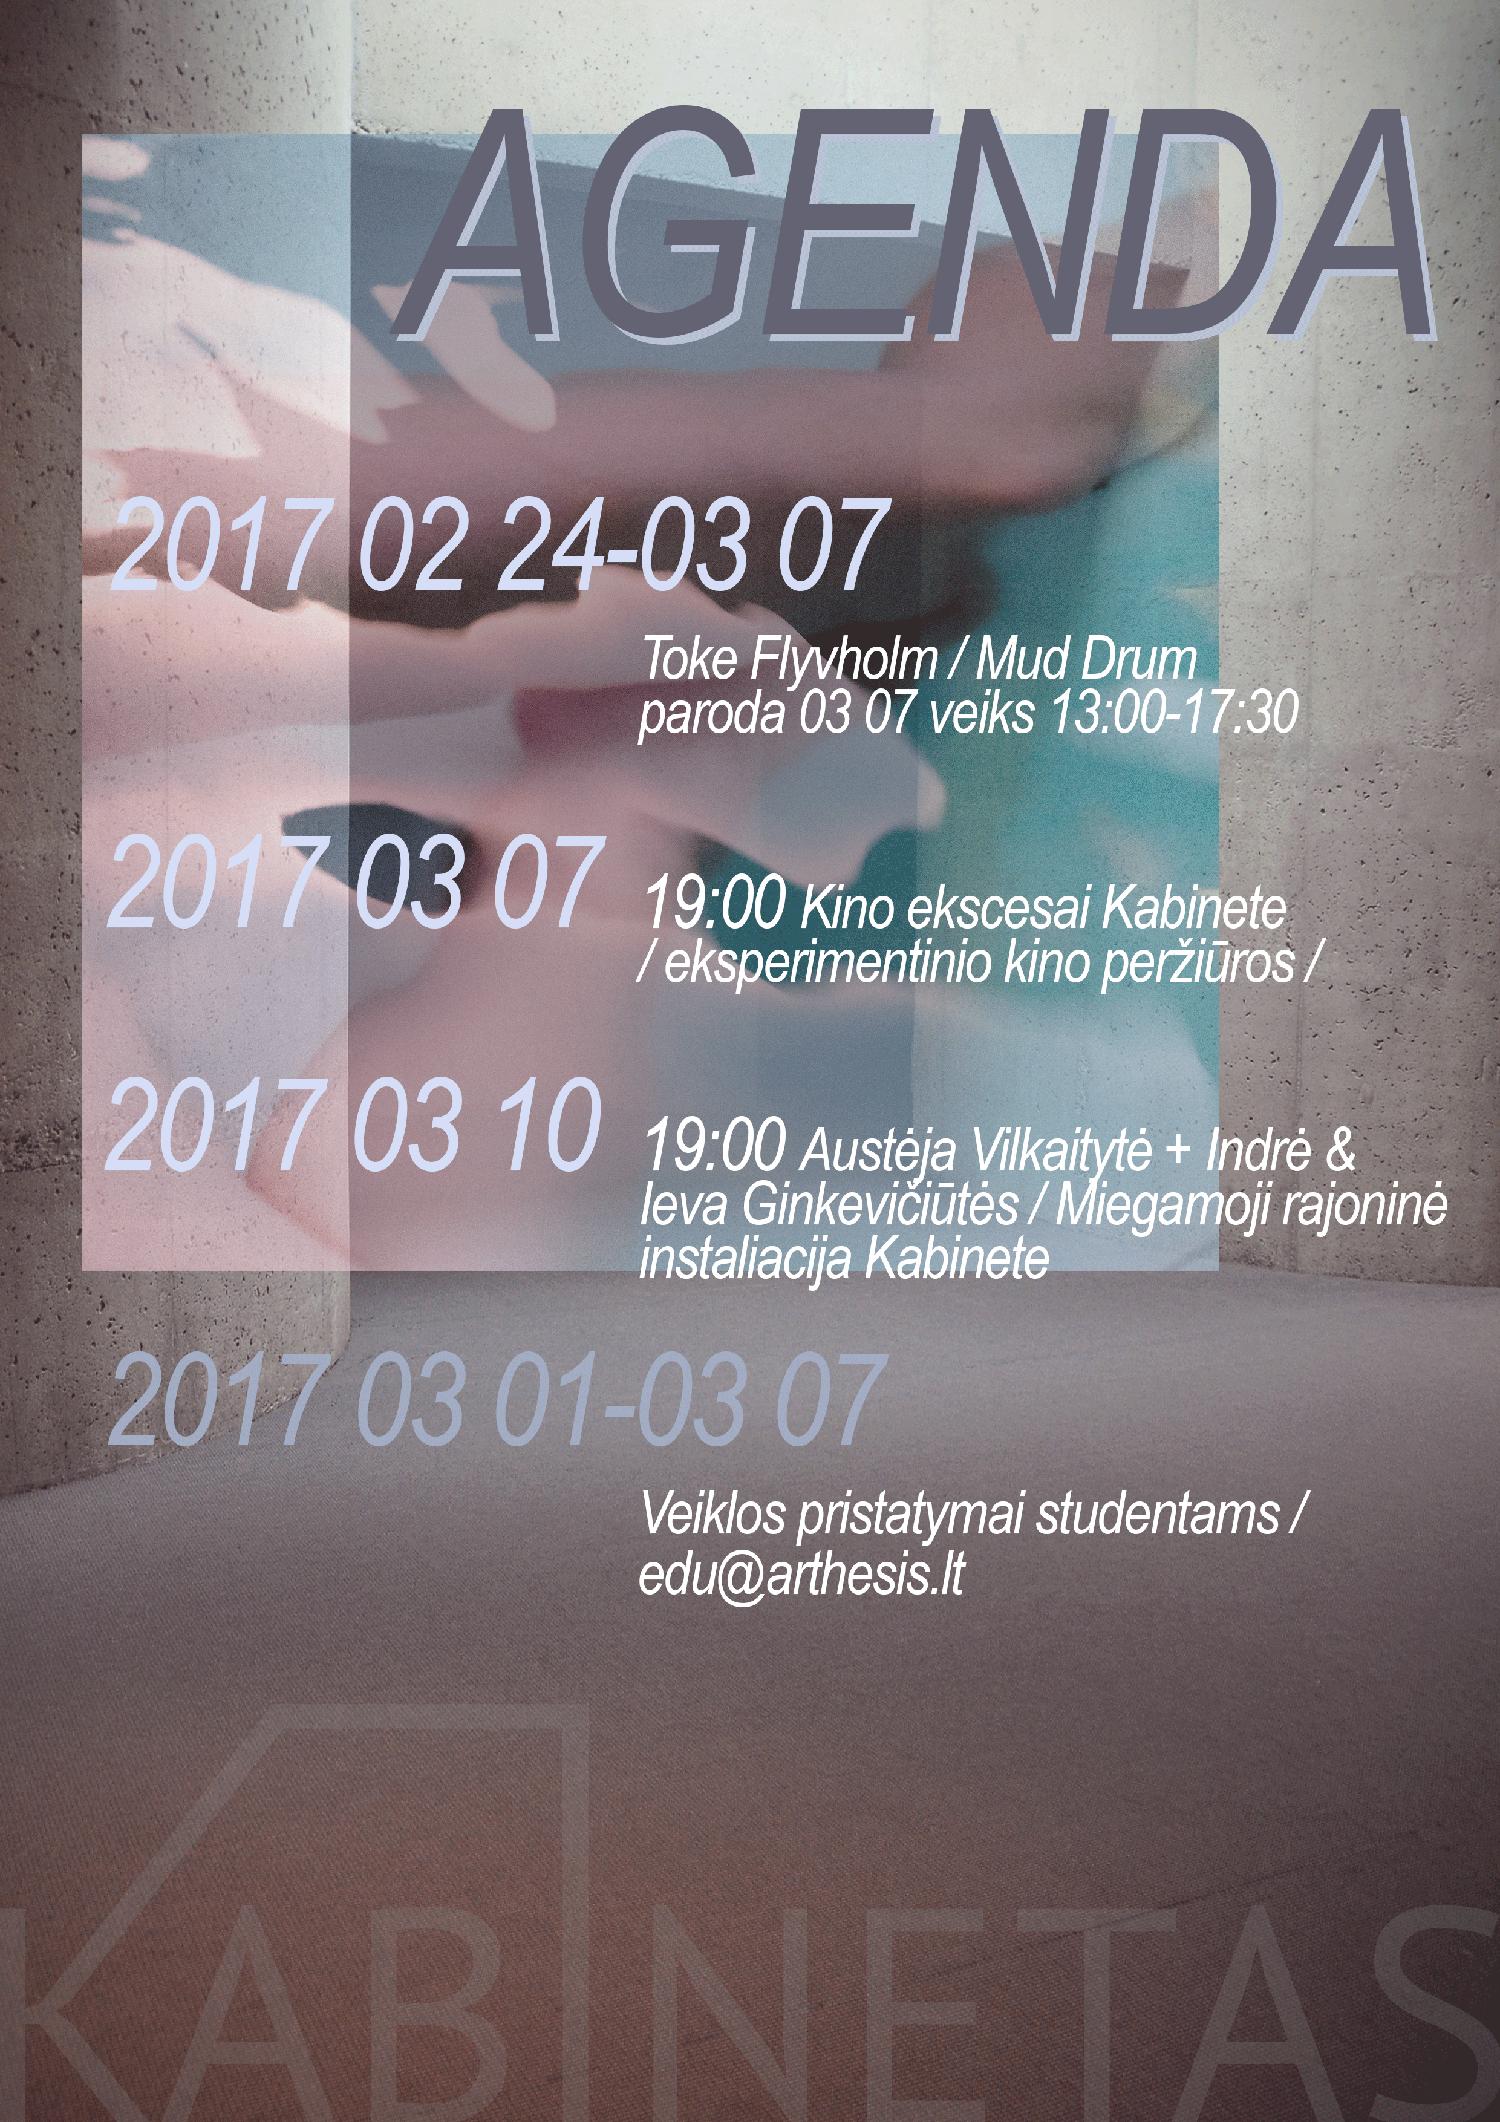 agenda-2017-03